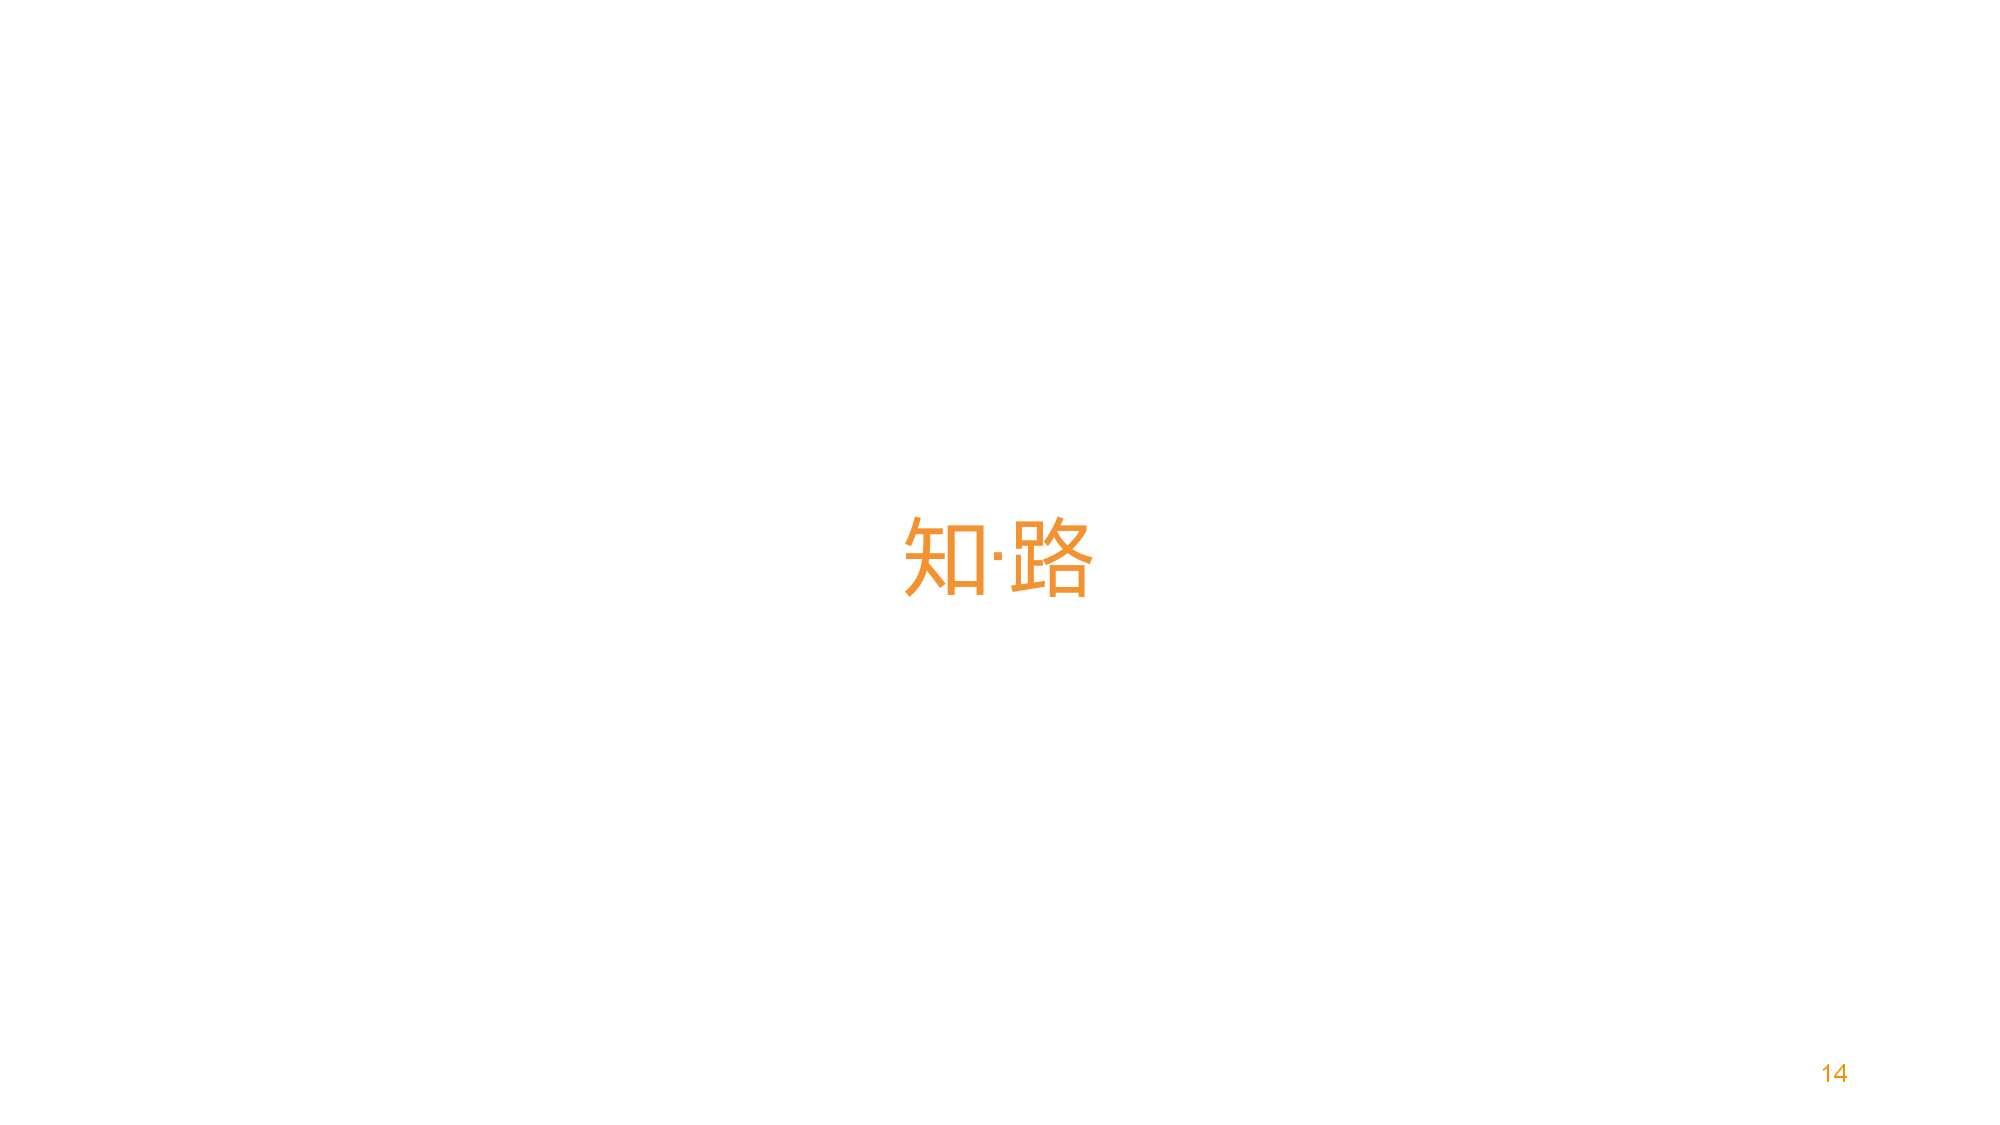 中国智能出行2015大数据报告_000014